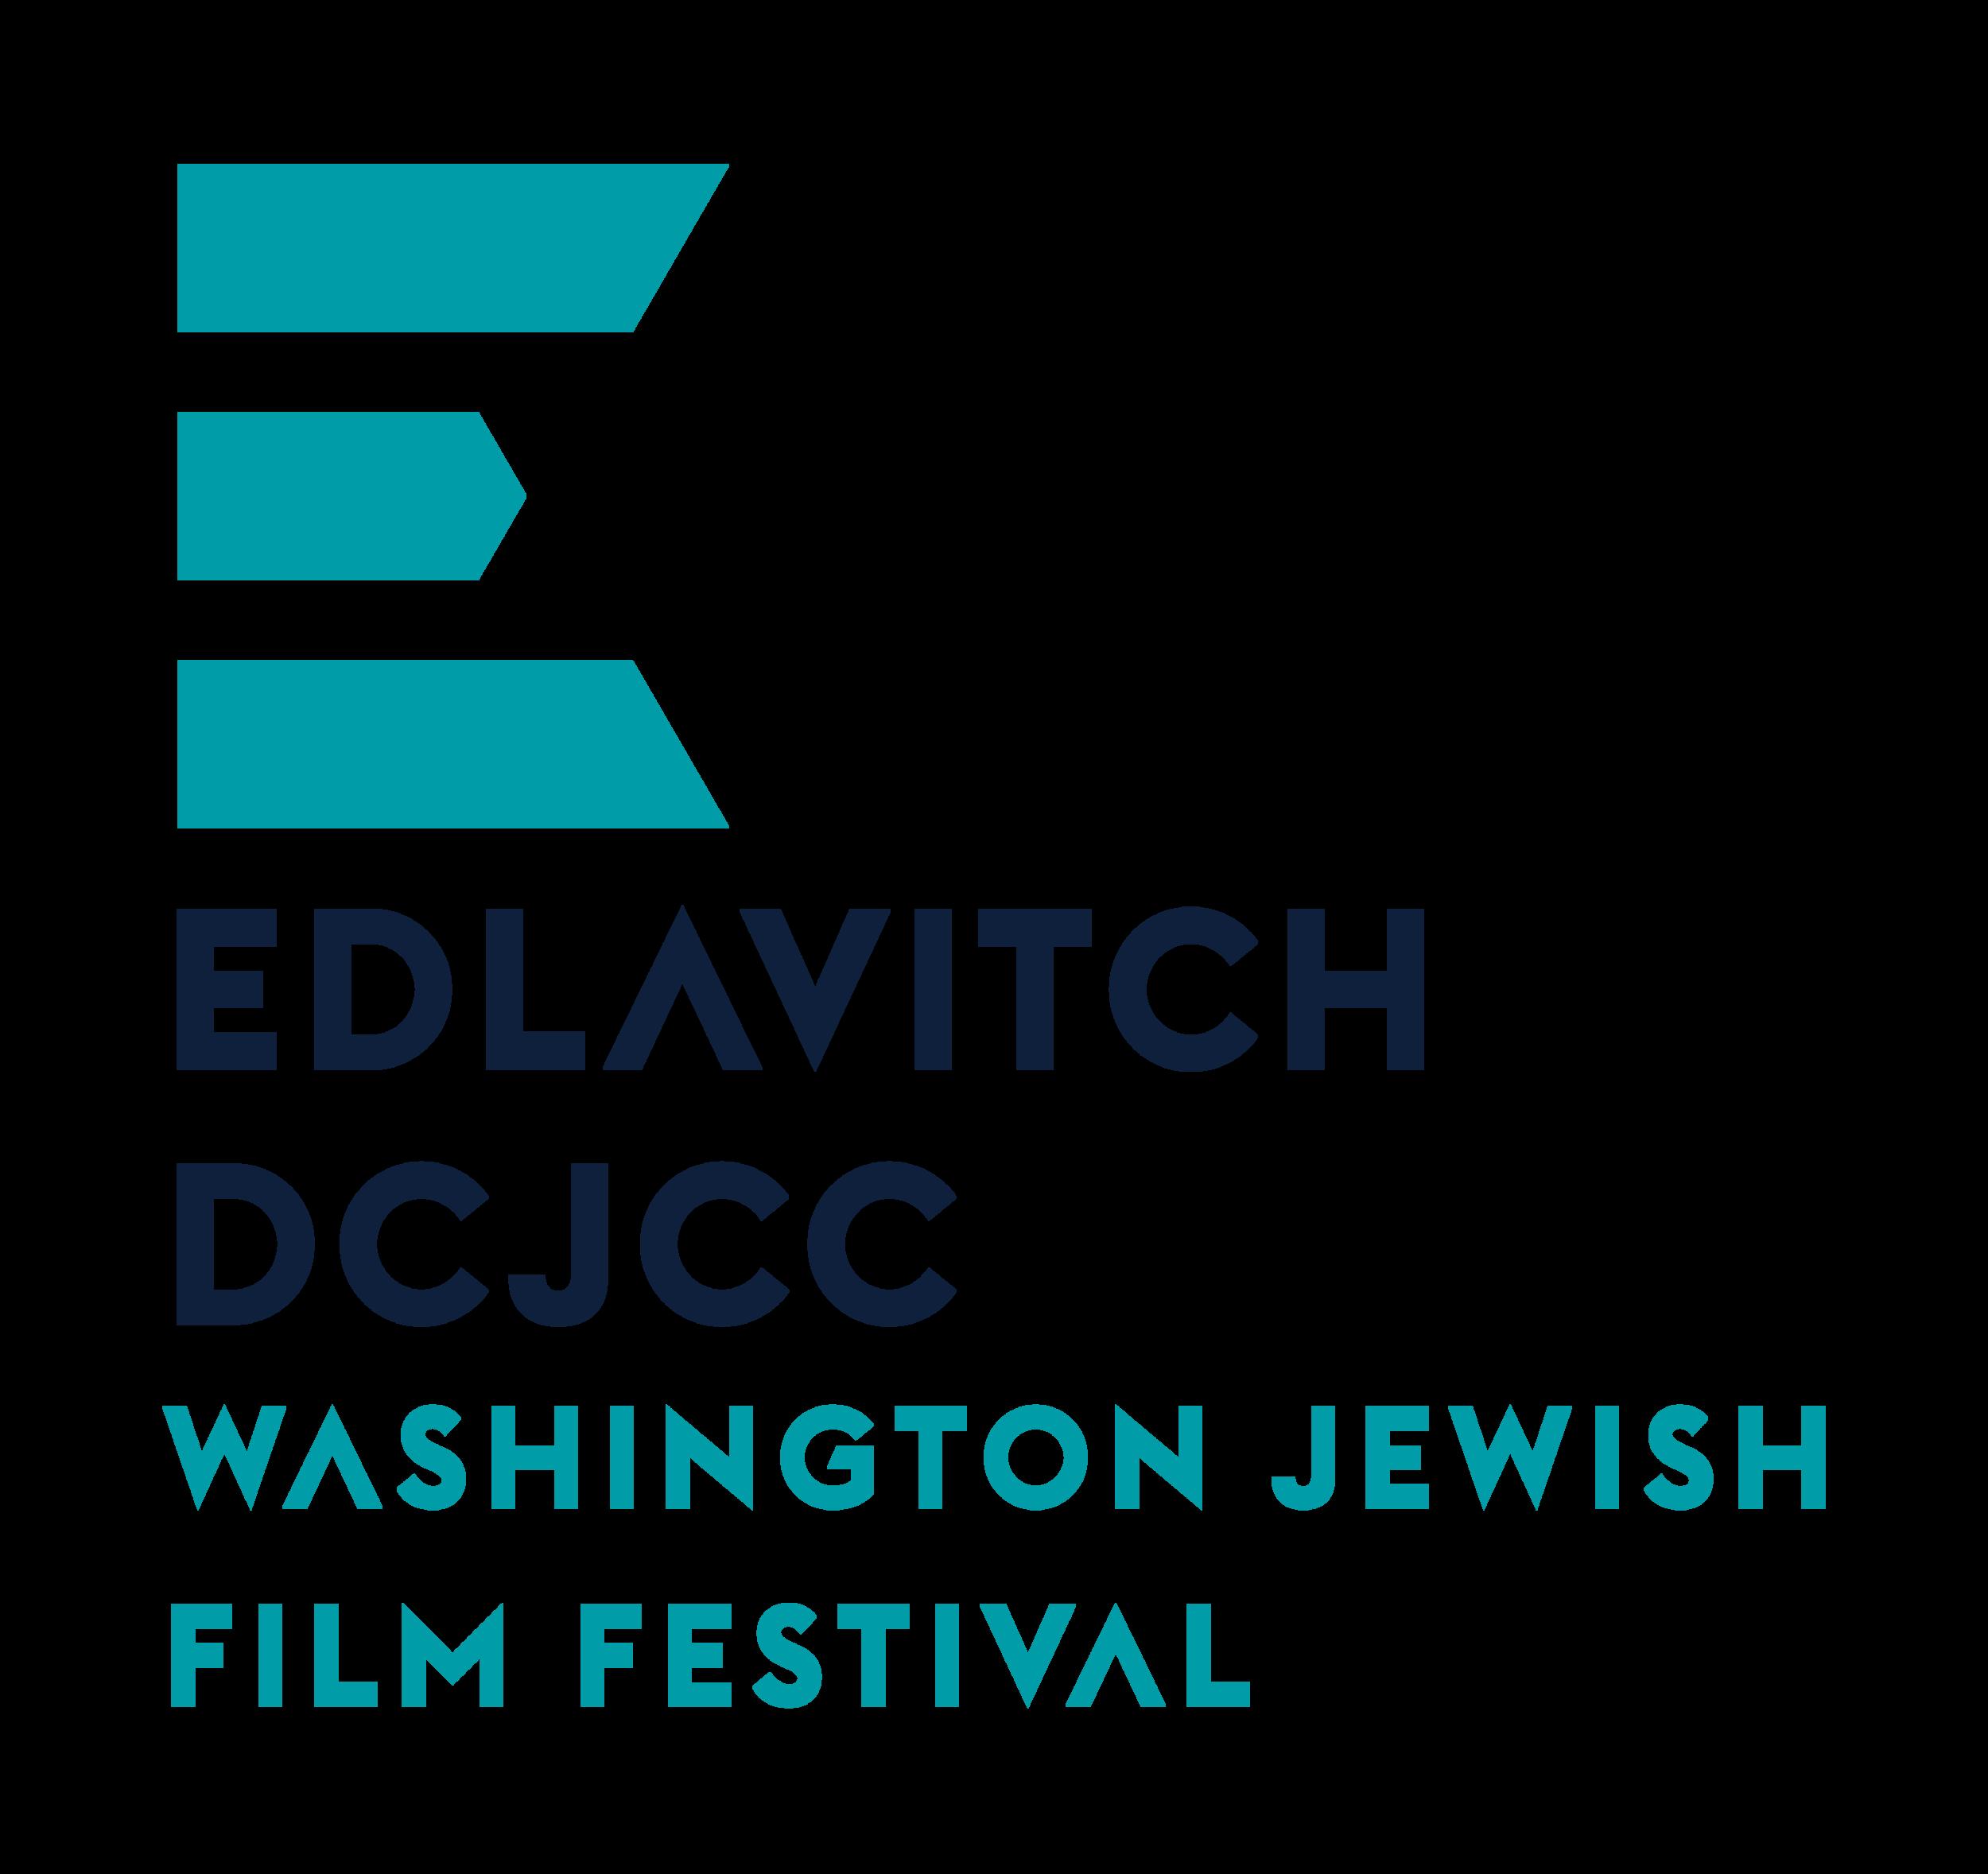 EDCJCC Logos-2-10.png